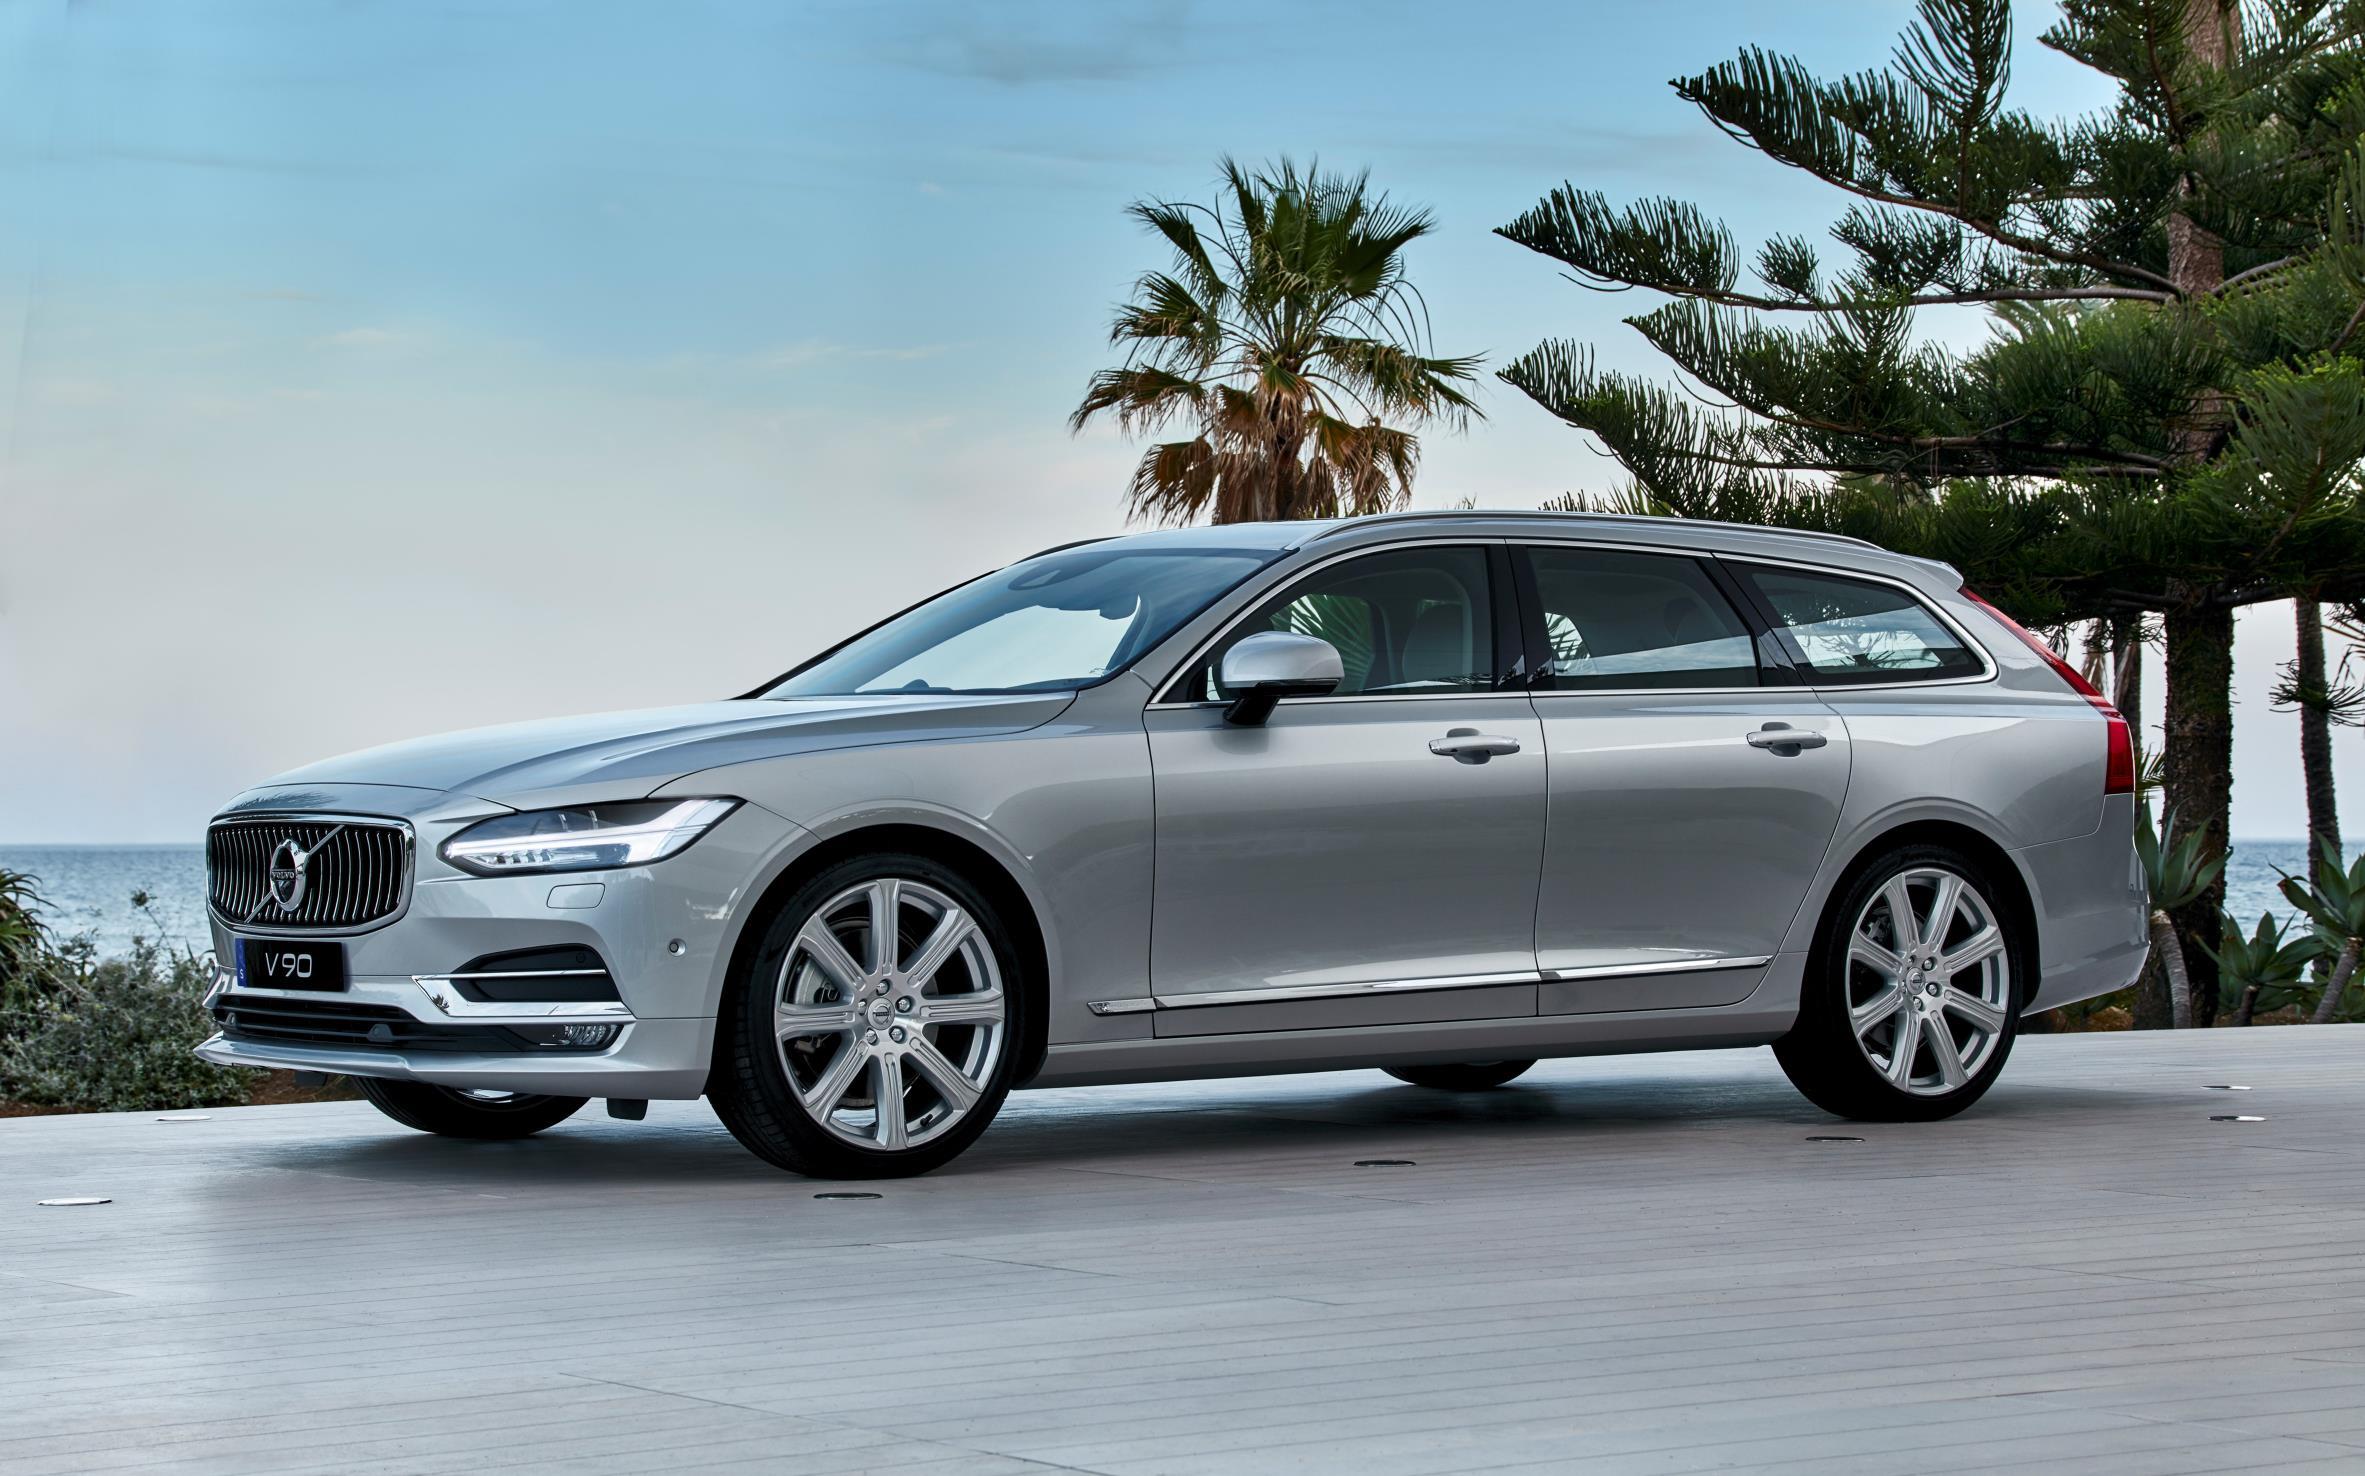 2017 Volvo V90 Starts Production 2018 Volvo Xc60 To Be